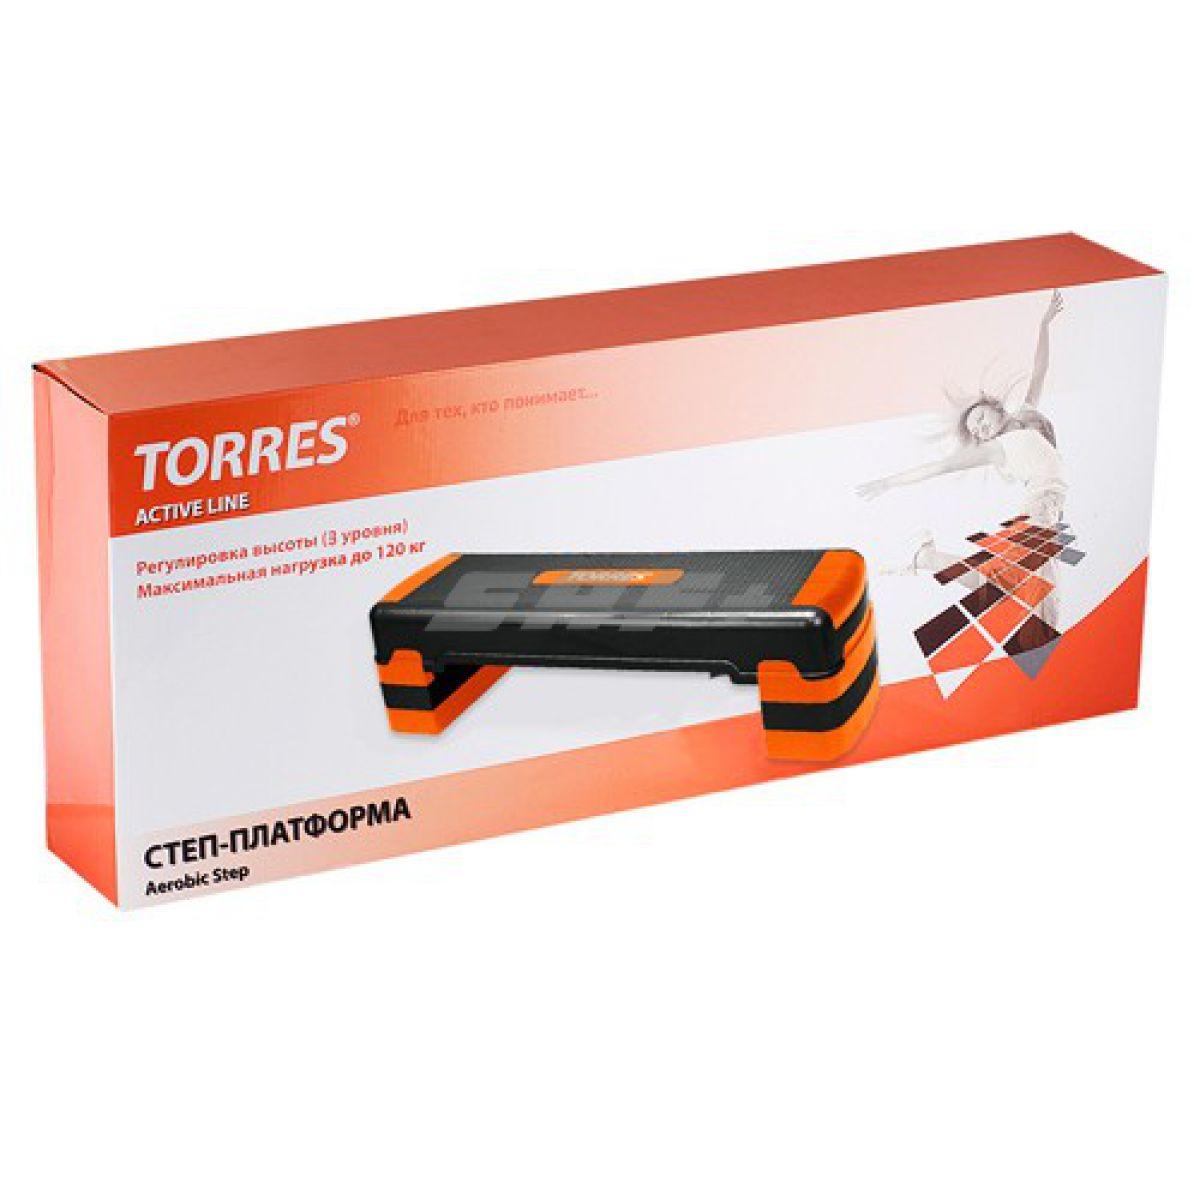 TORRES Степ-платформа